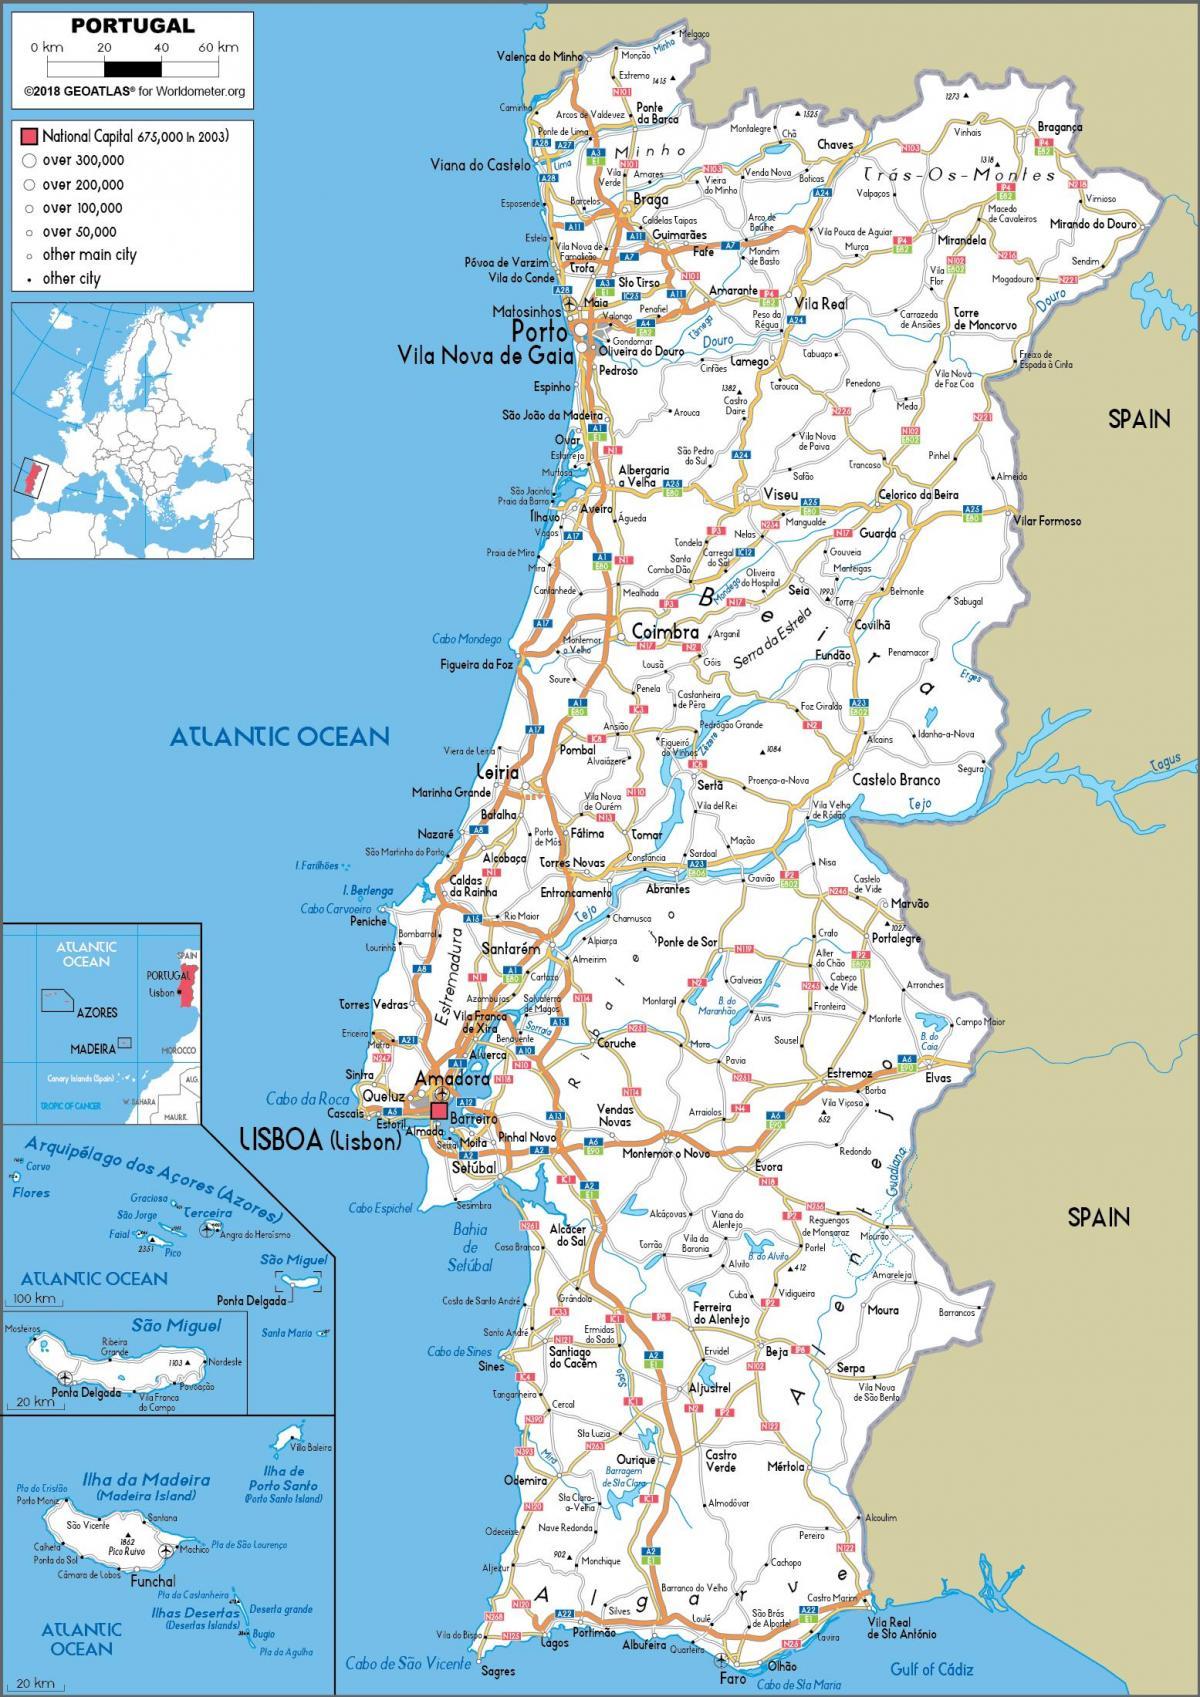 Karte Von Europa Mit Städten.Portugal Cities Map Karte Von Portugal Mit Den Städten Europa Süd